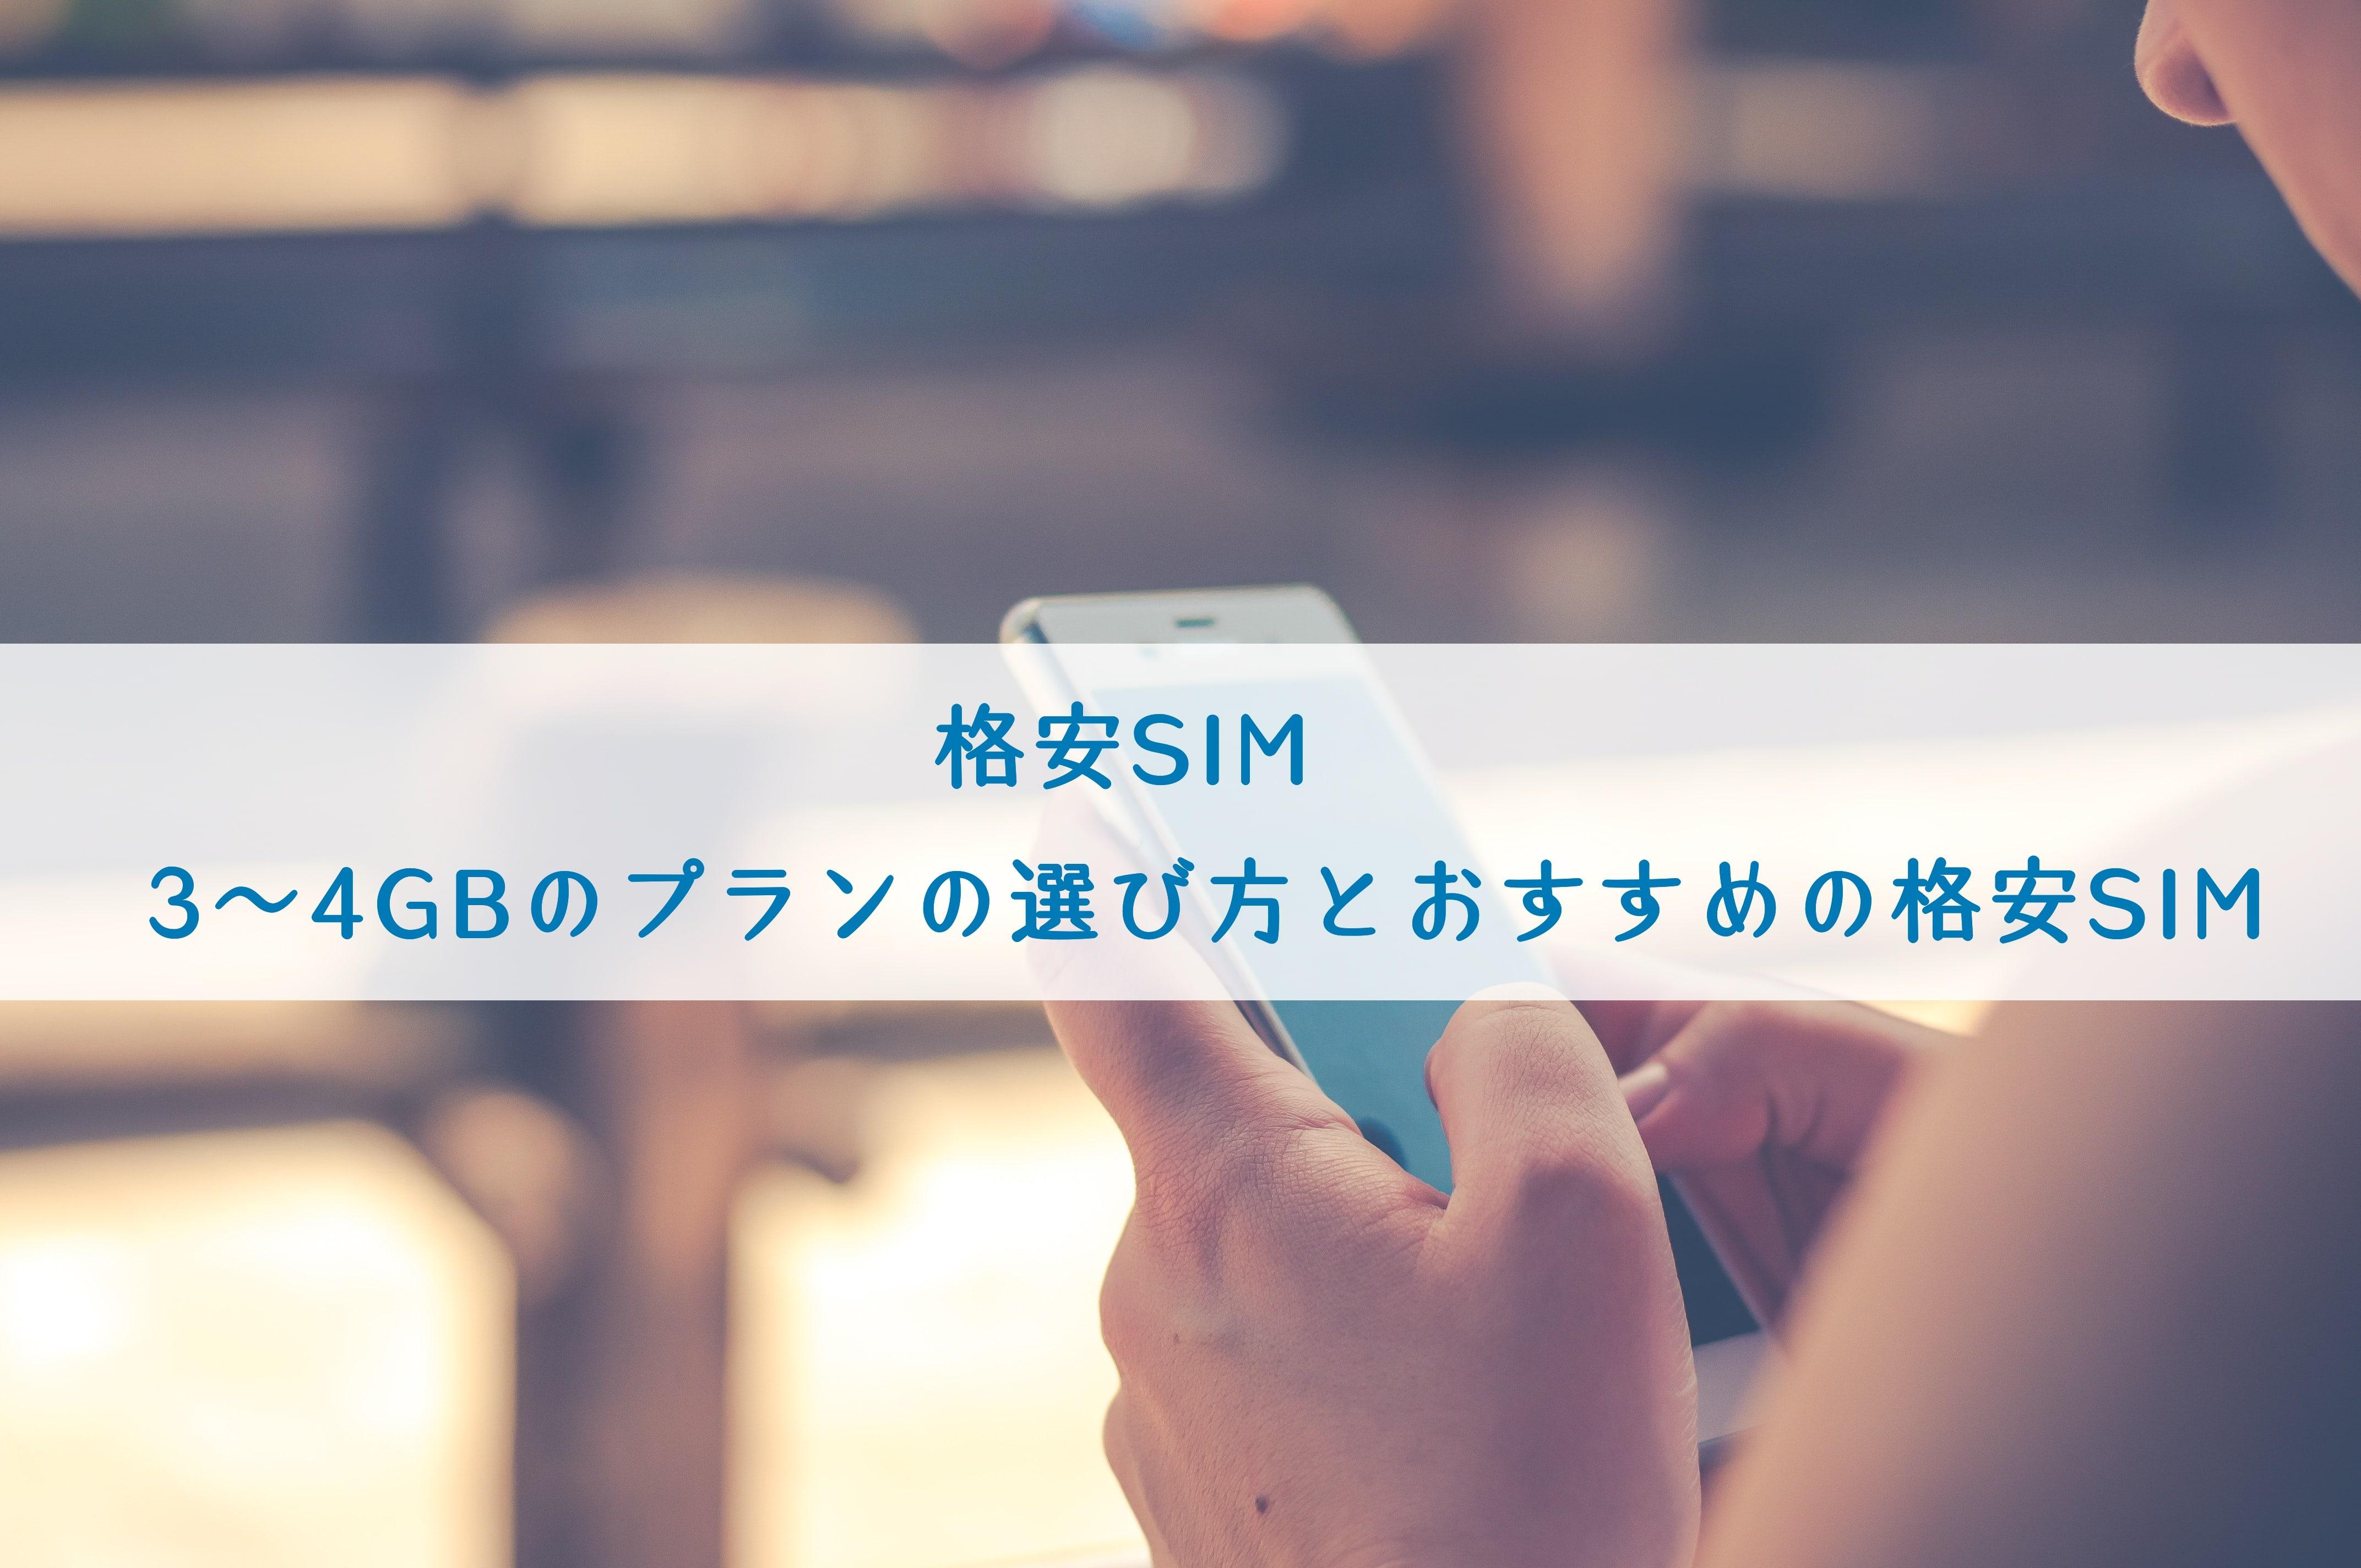 格安SIM3GB・4GBのプランのおすすめランキング・イメージ画像